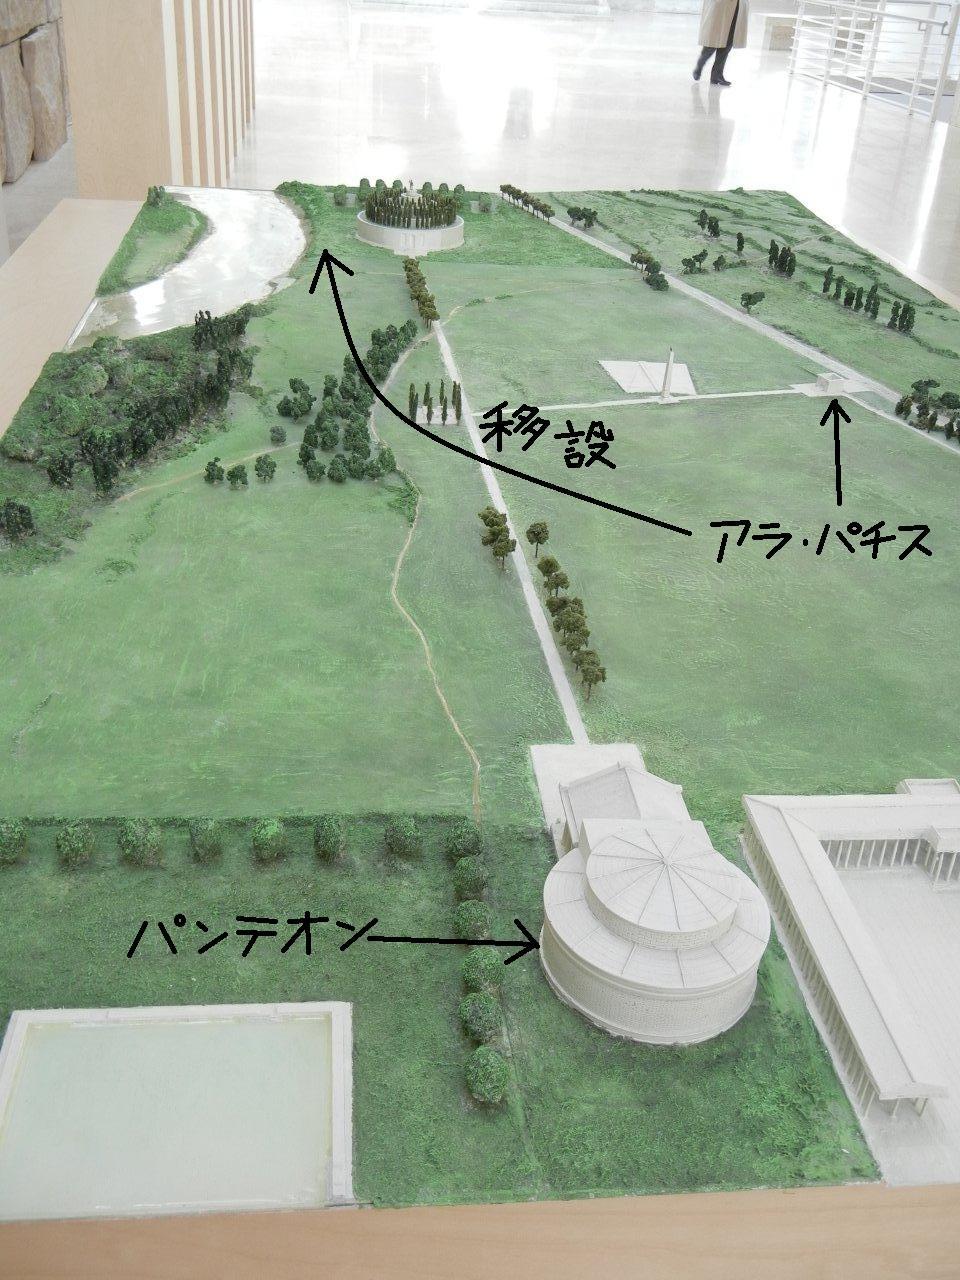 アウグストゥス廟の画像 p1_1